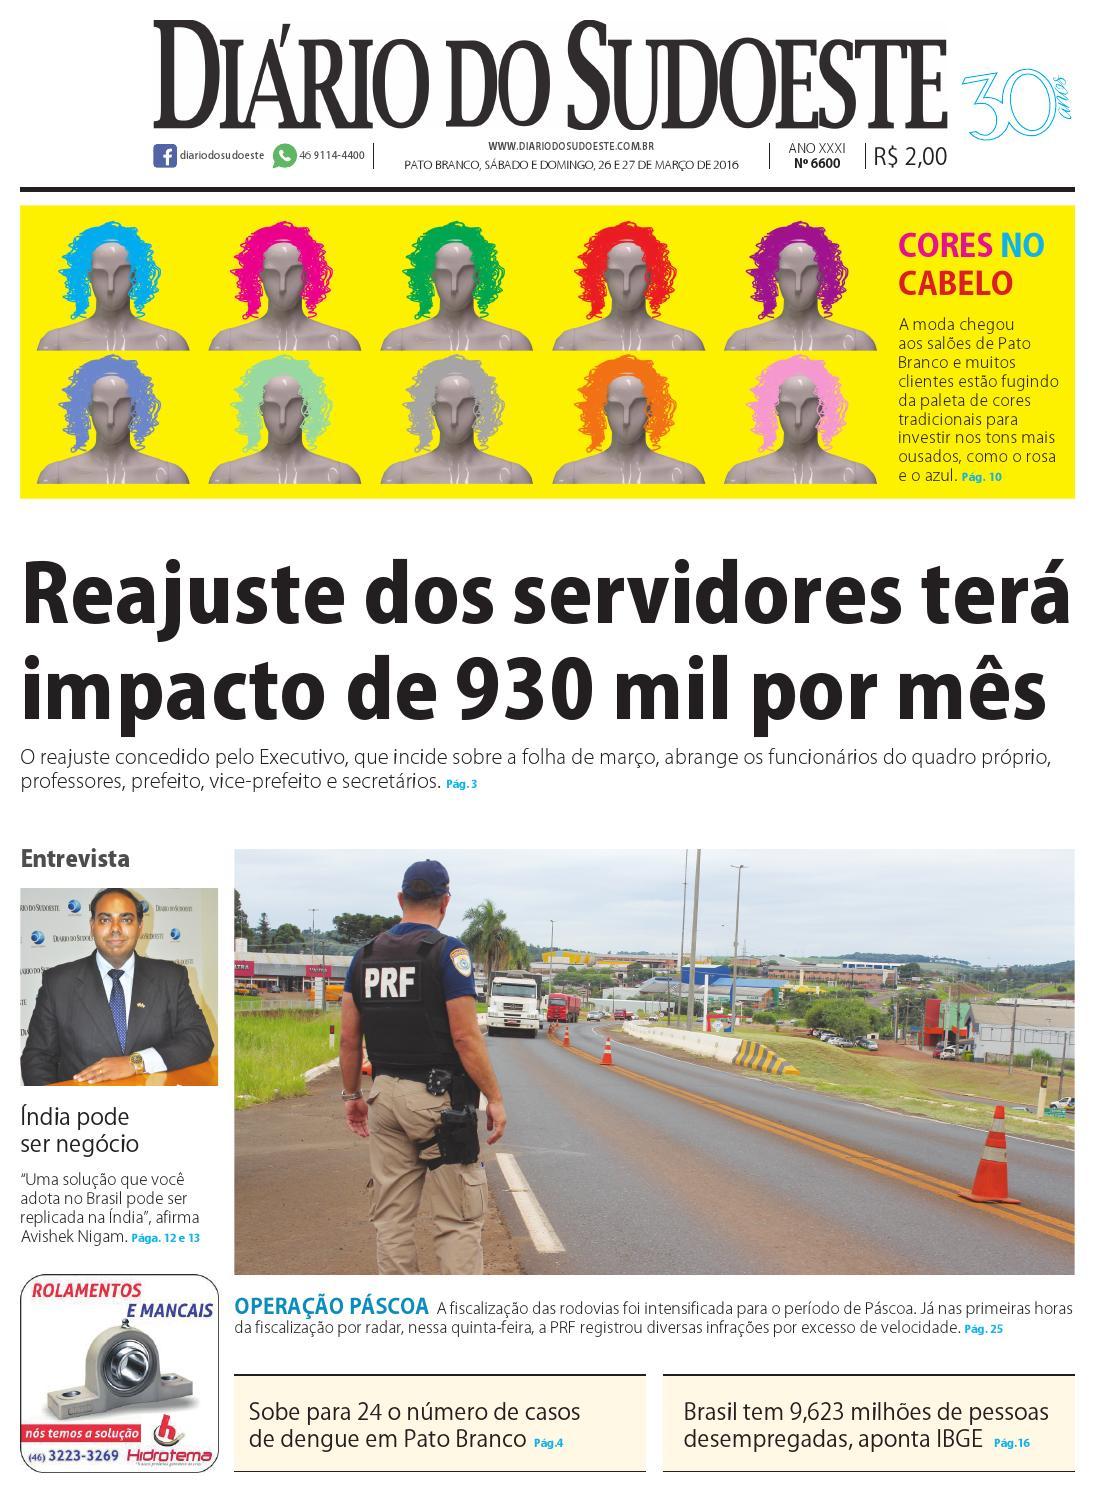 78a2f7929ca Diário do sudoeste 26 e 27 de março de 2016 ed 6600 by Diário do Sudoeste -  issuu